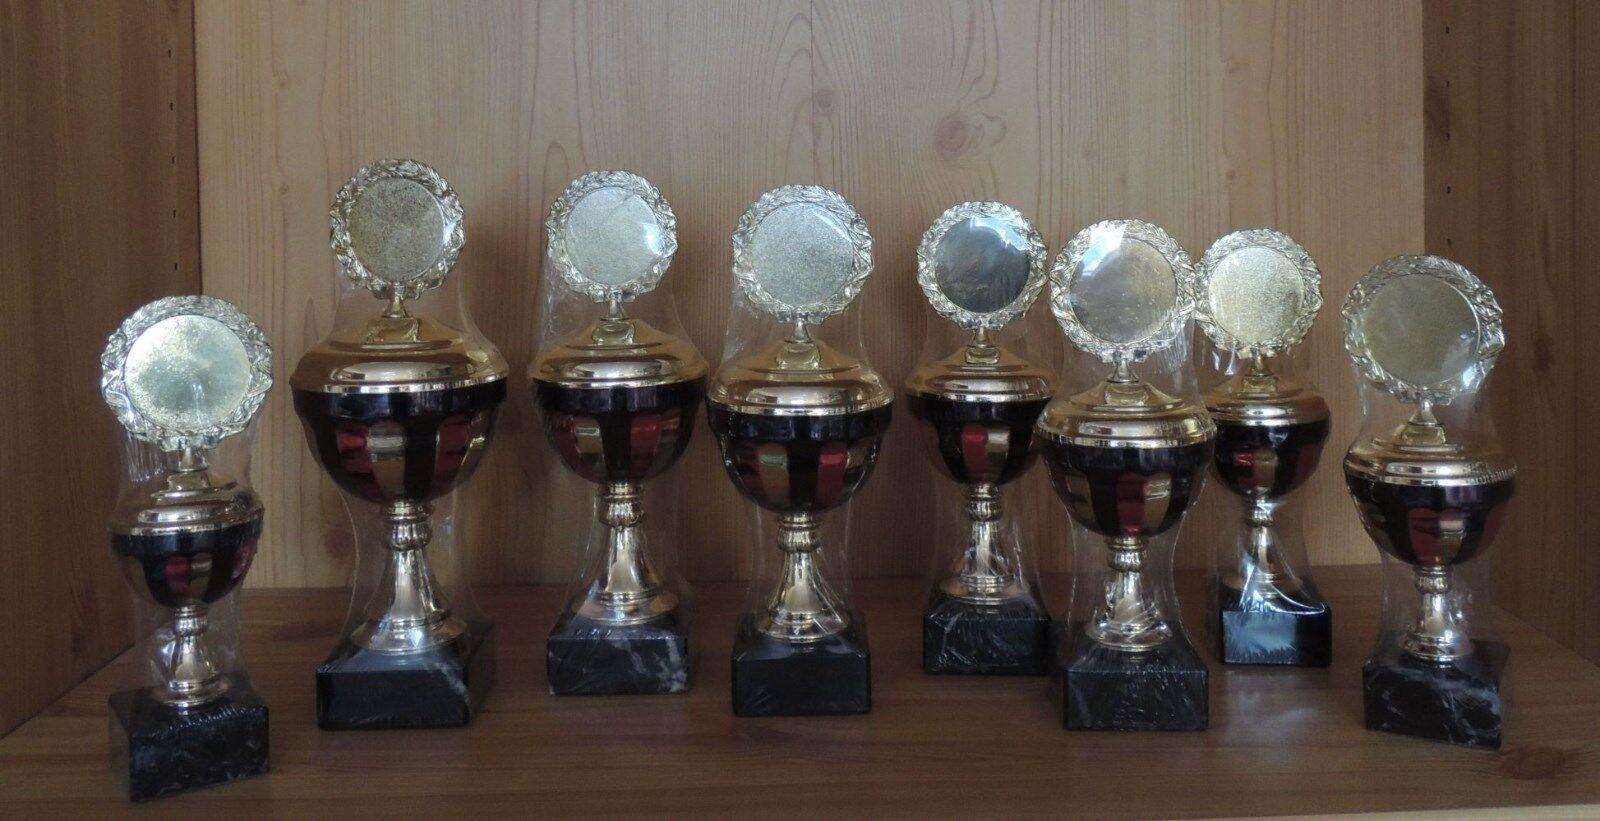 8er Serie Deutschland Pokale 27 bis bis bis 20 cm mit Emblem  BRD1 (Pokal Sieger ) b94cea